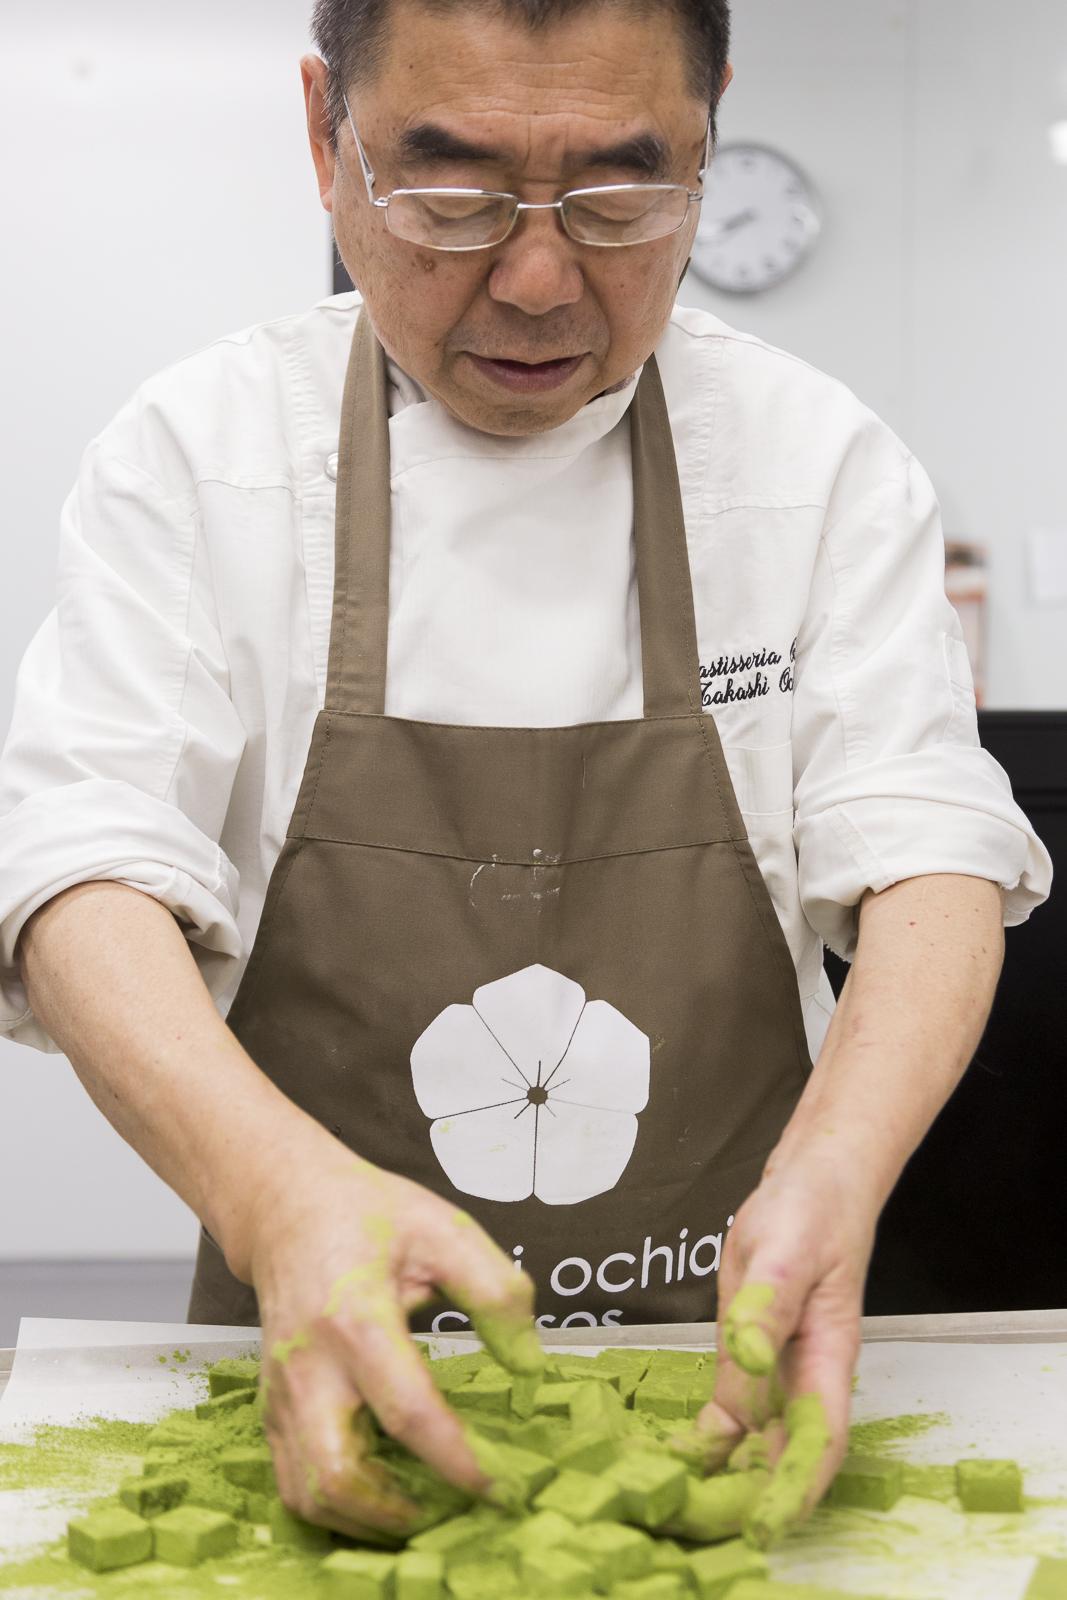 Takashi Ochiai en el curso de tématcha